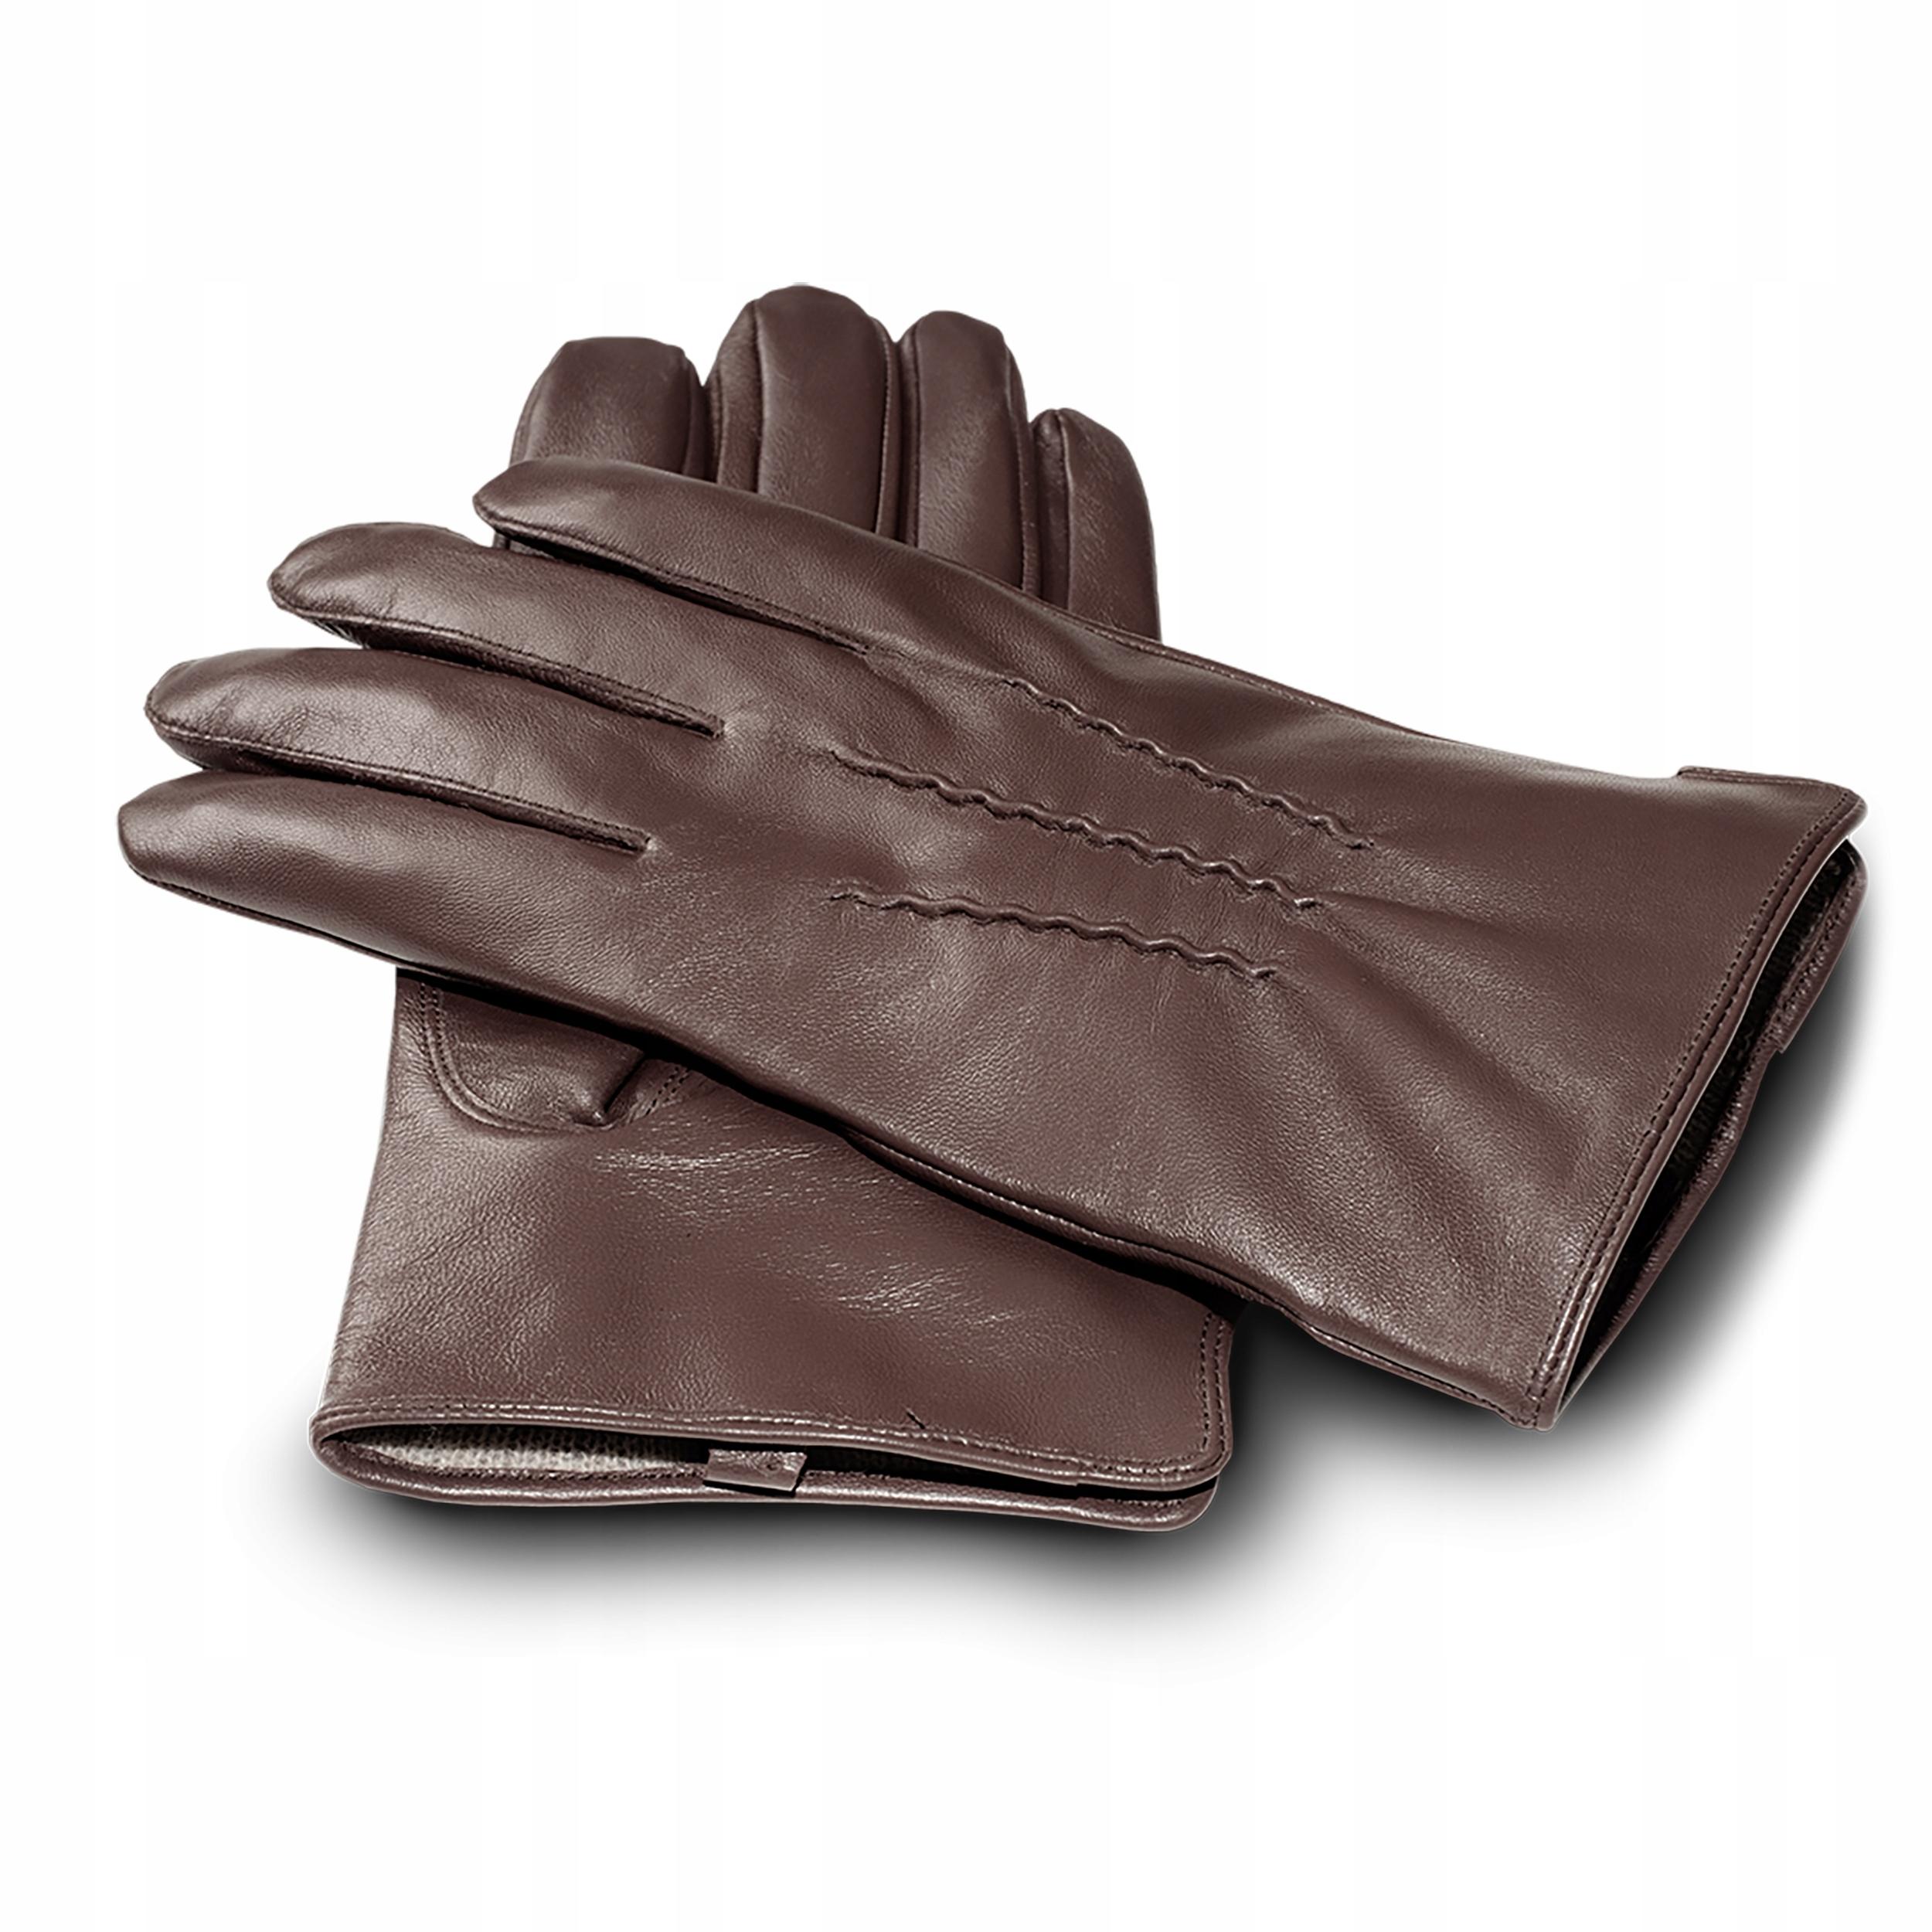 Rękawiczki skórzane męskie dotykowe zimowe kaszmir